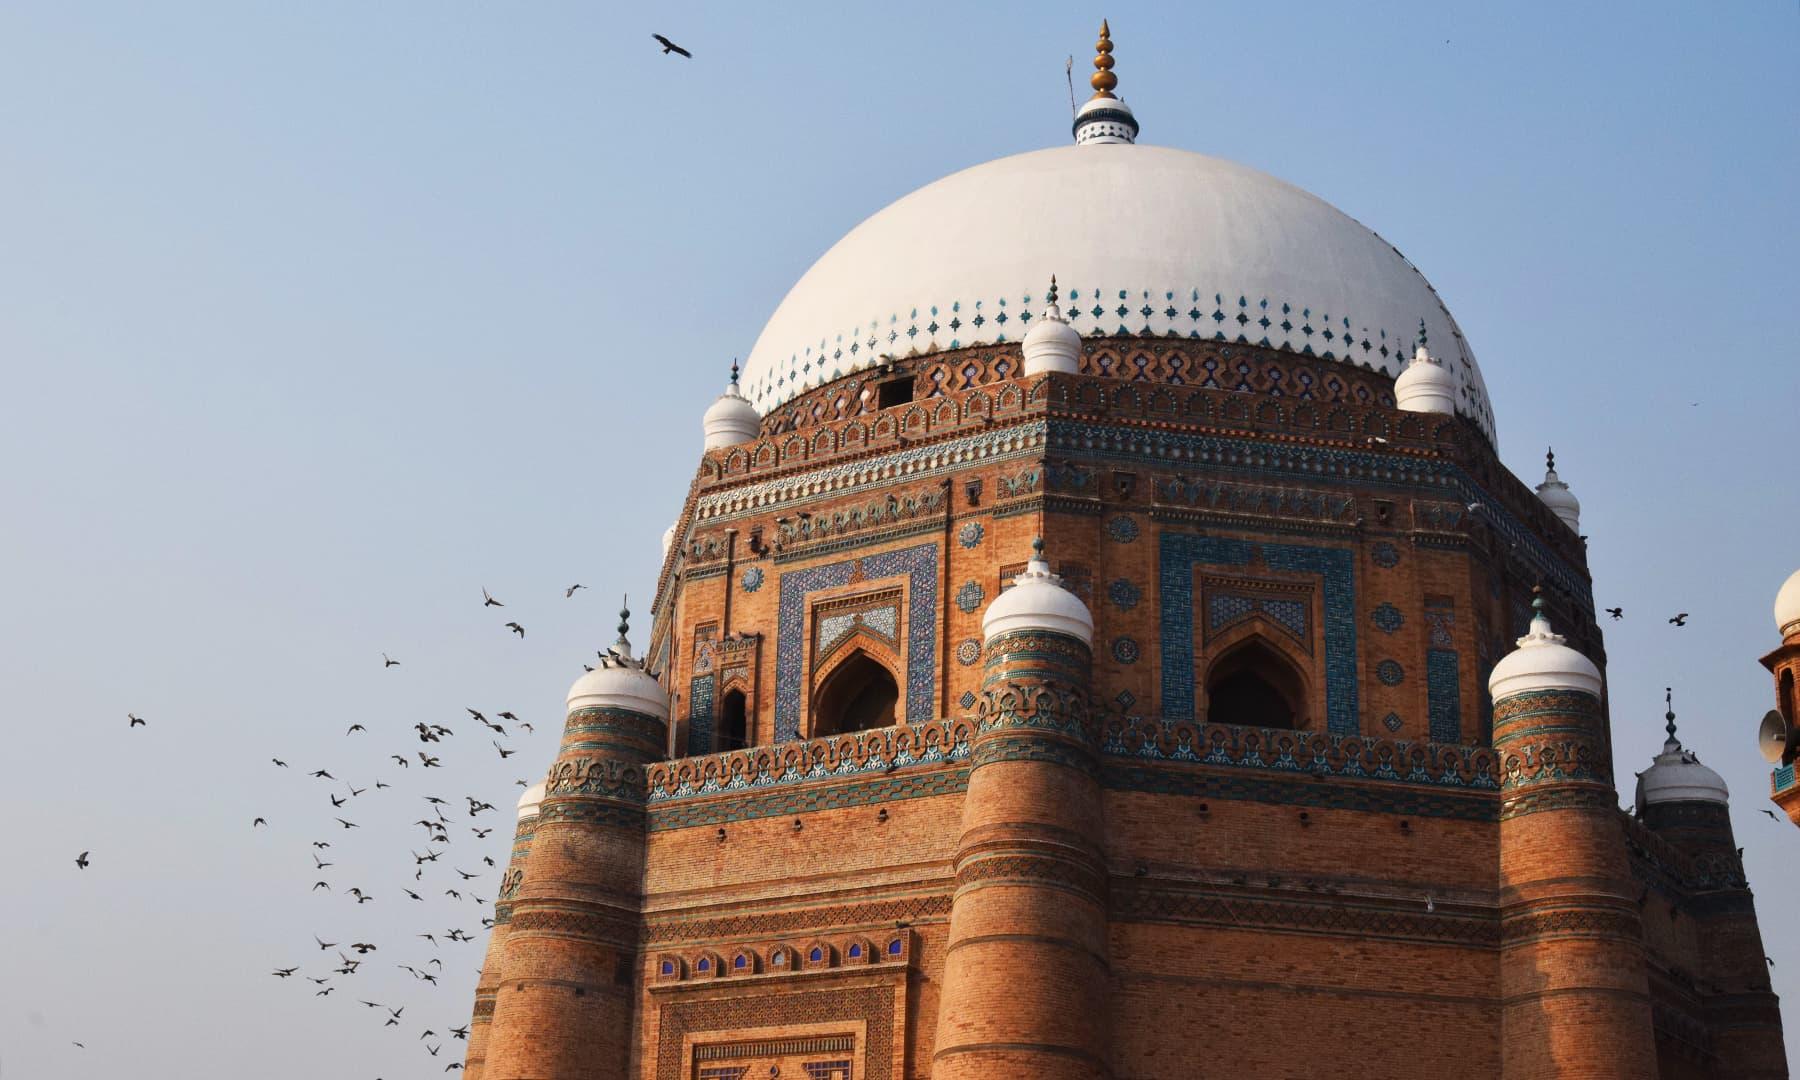 صوفیاء اکرام کے مزاروں کی وجہ سے اس شہر کو مدینۃ الاولیاء بھی کہا جاتا ہے—تصویر عظمت اکبر